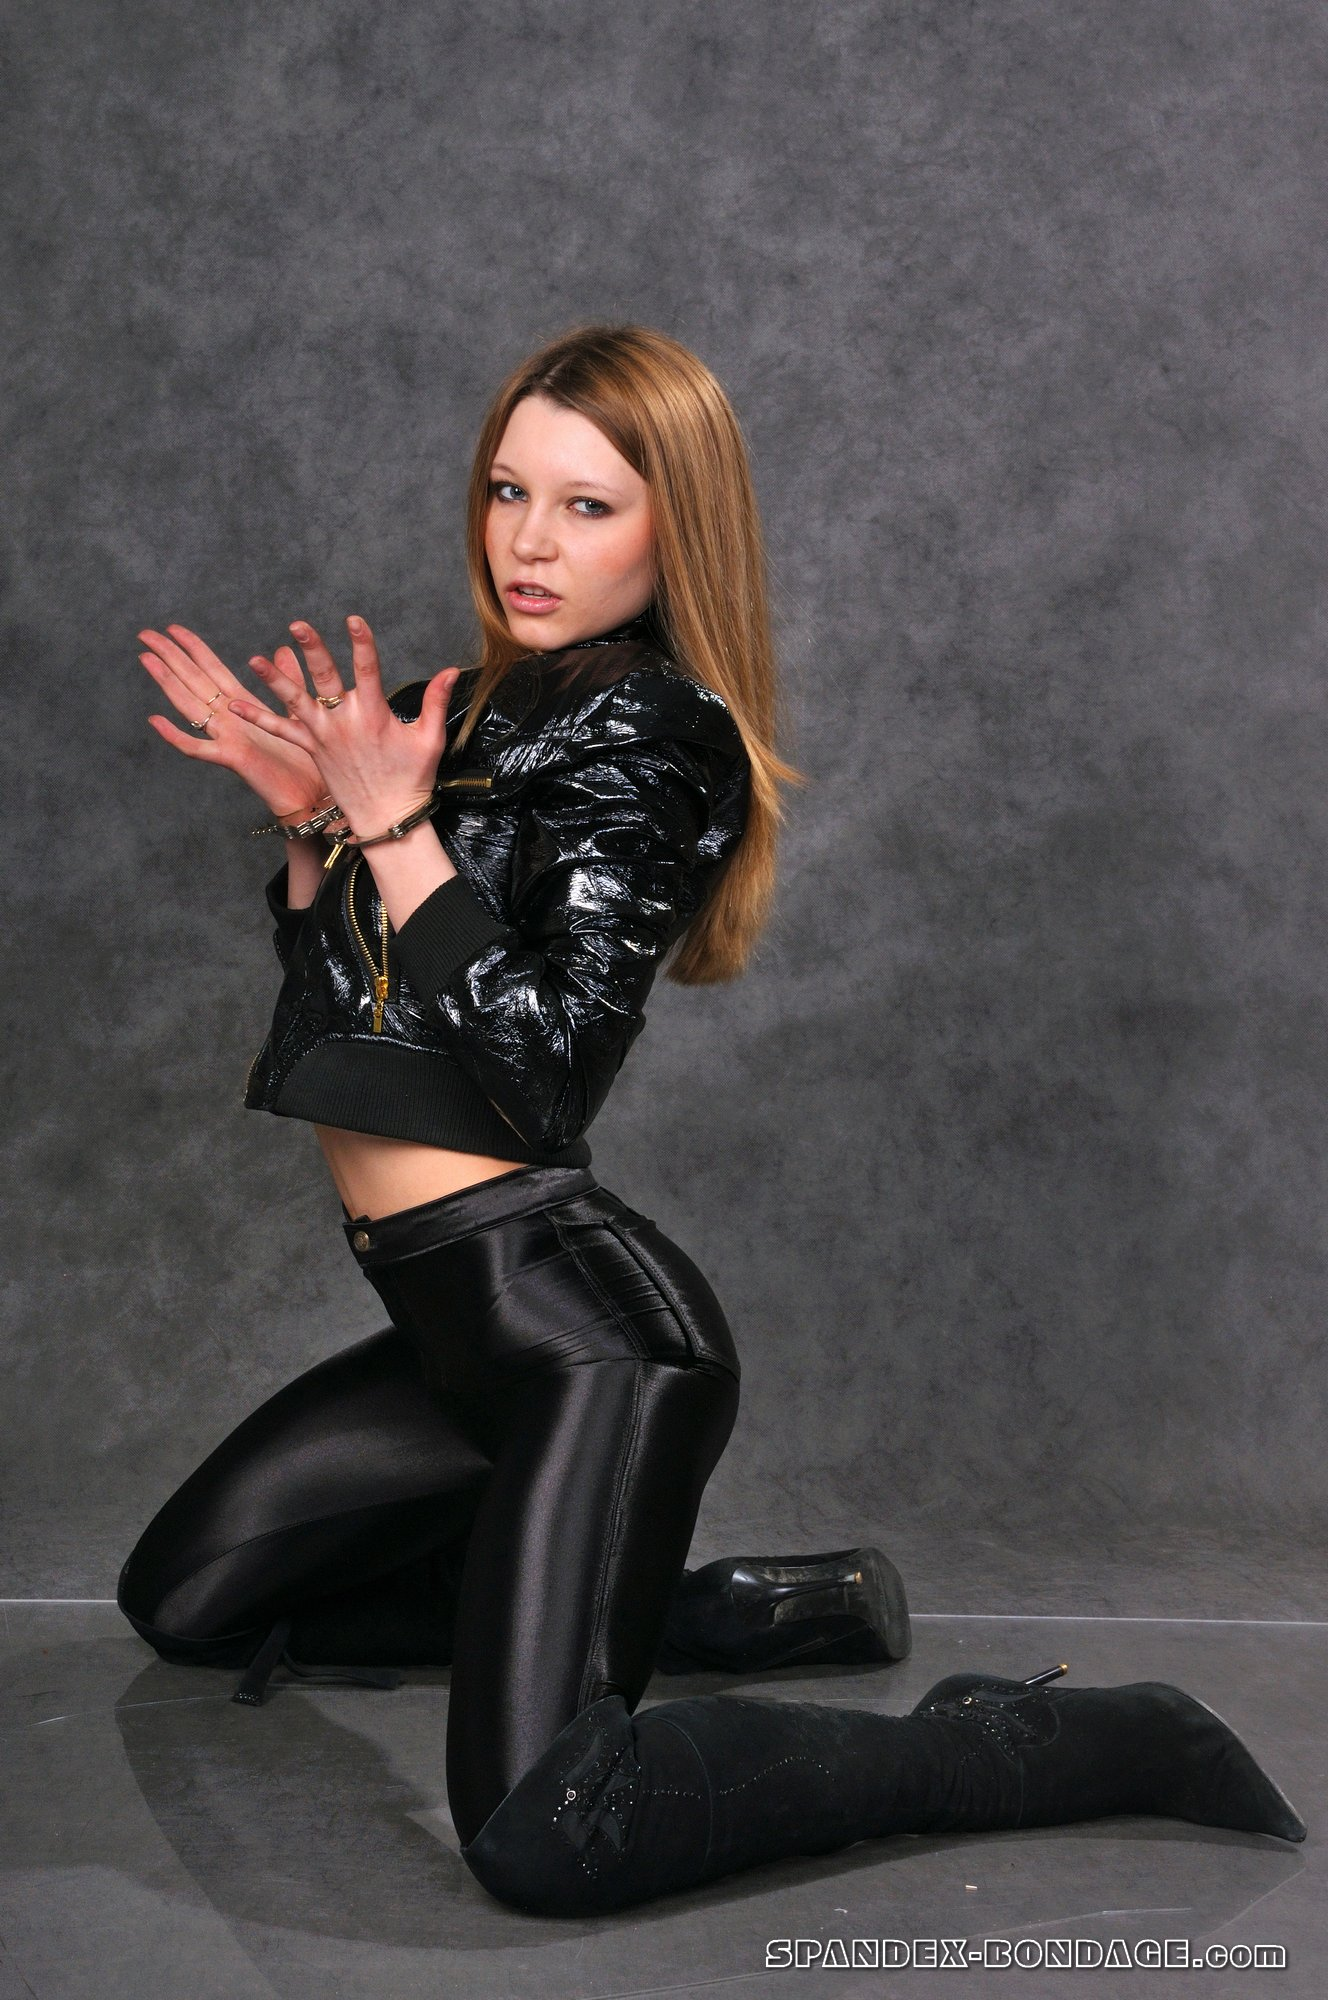 Айлар Лай - розовые киски ХХХ порно с мисс Норвегия